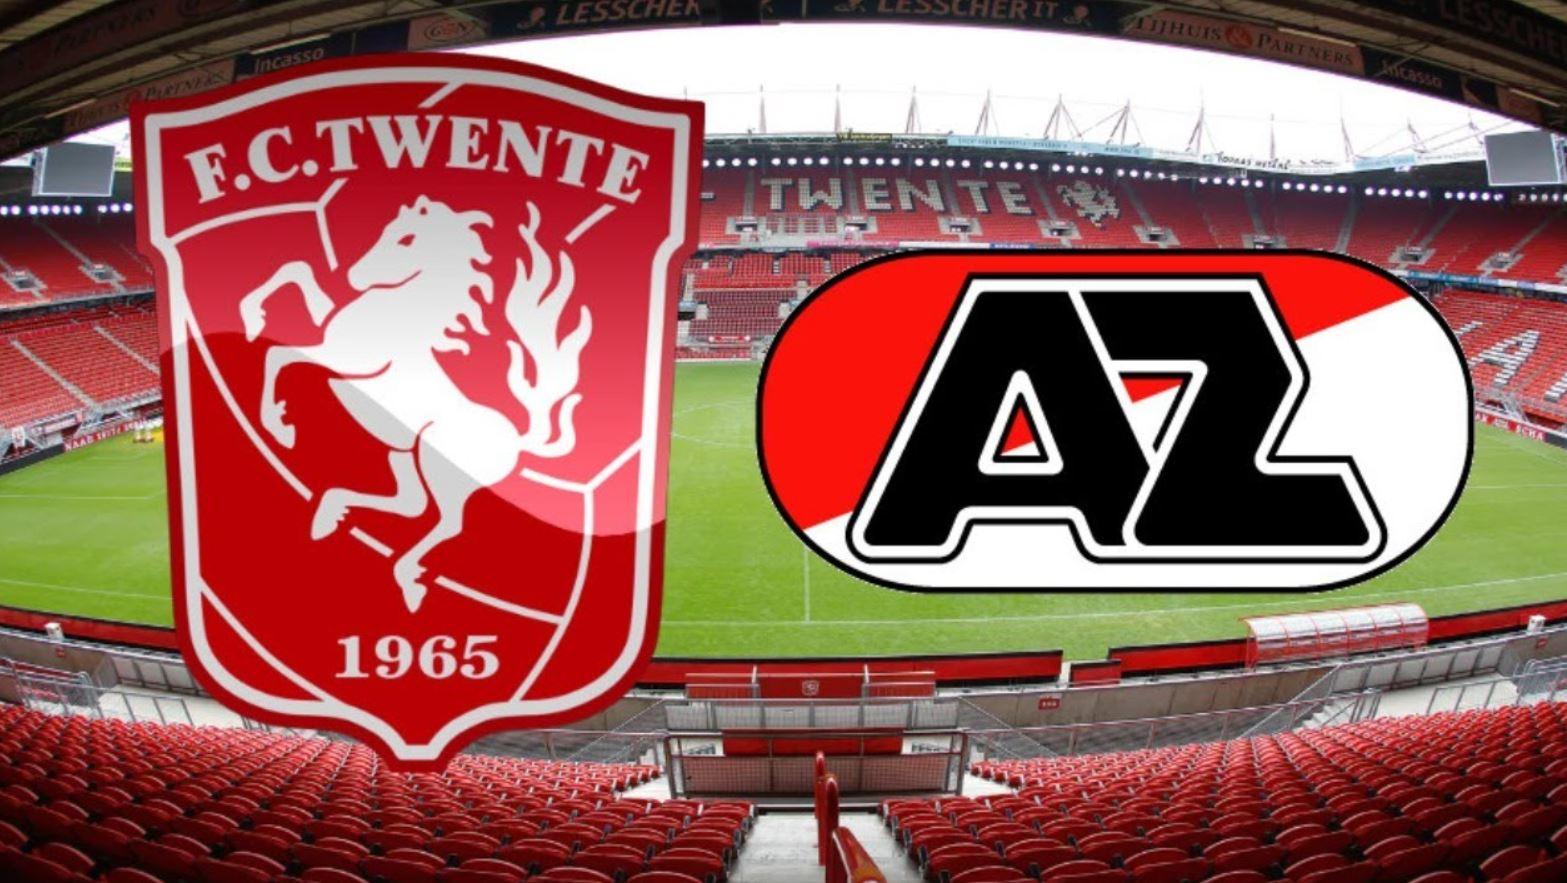 Prediksi FC Twente vs AZ Alkmaar 14 Desember 2020 2